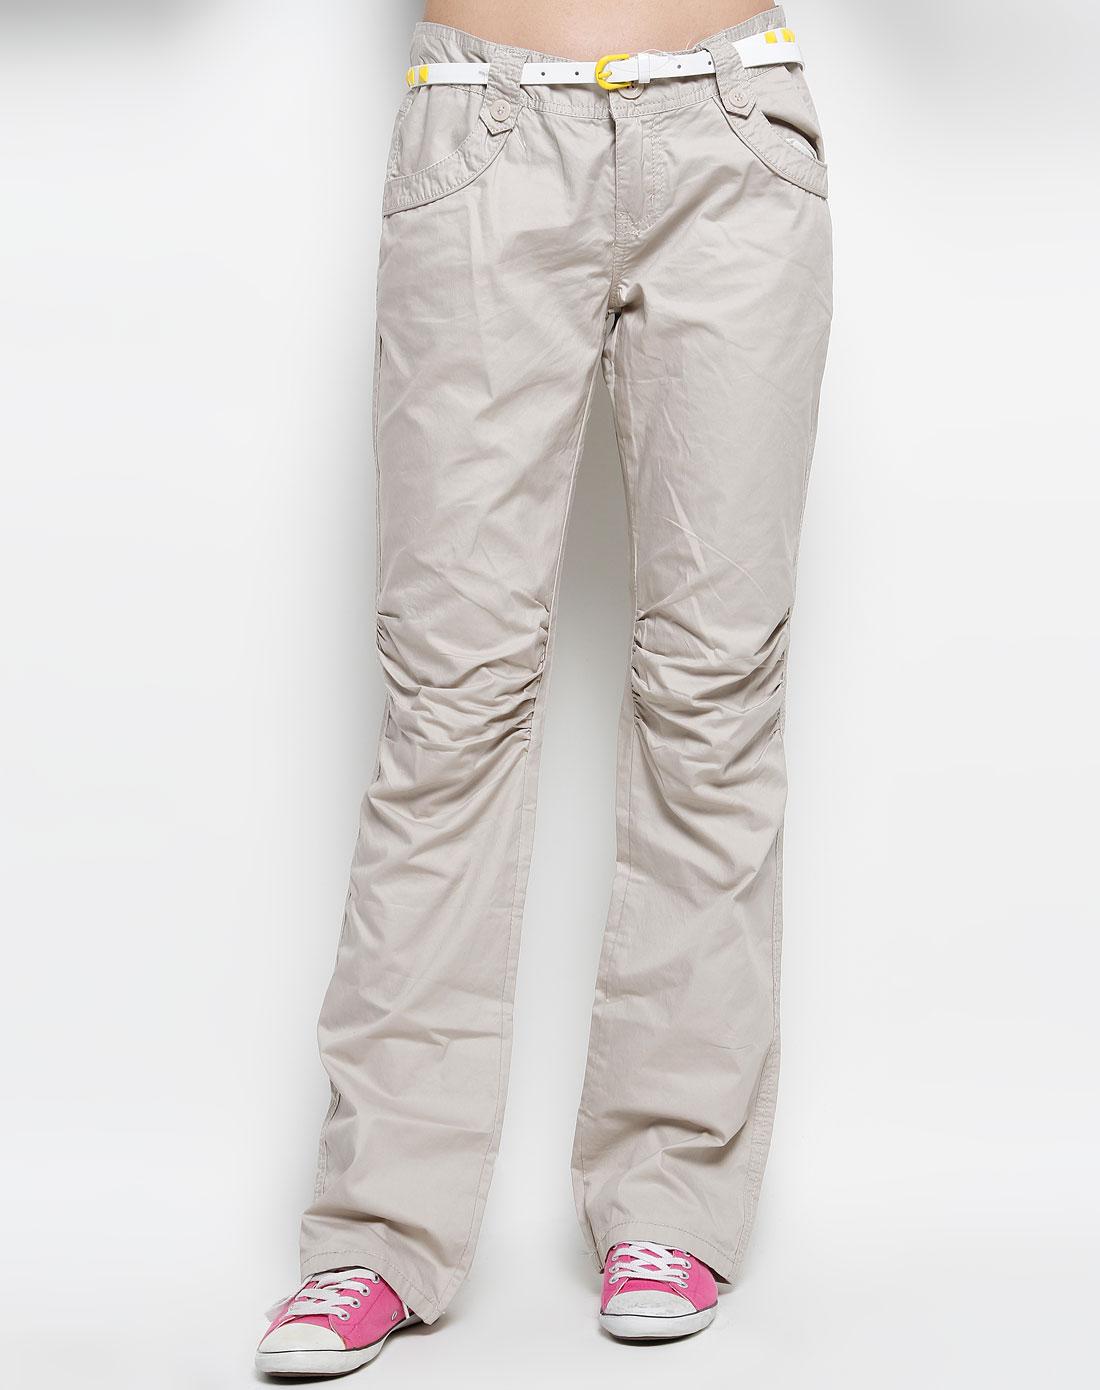 森马-女装浅卡其色休闲长裤